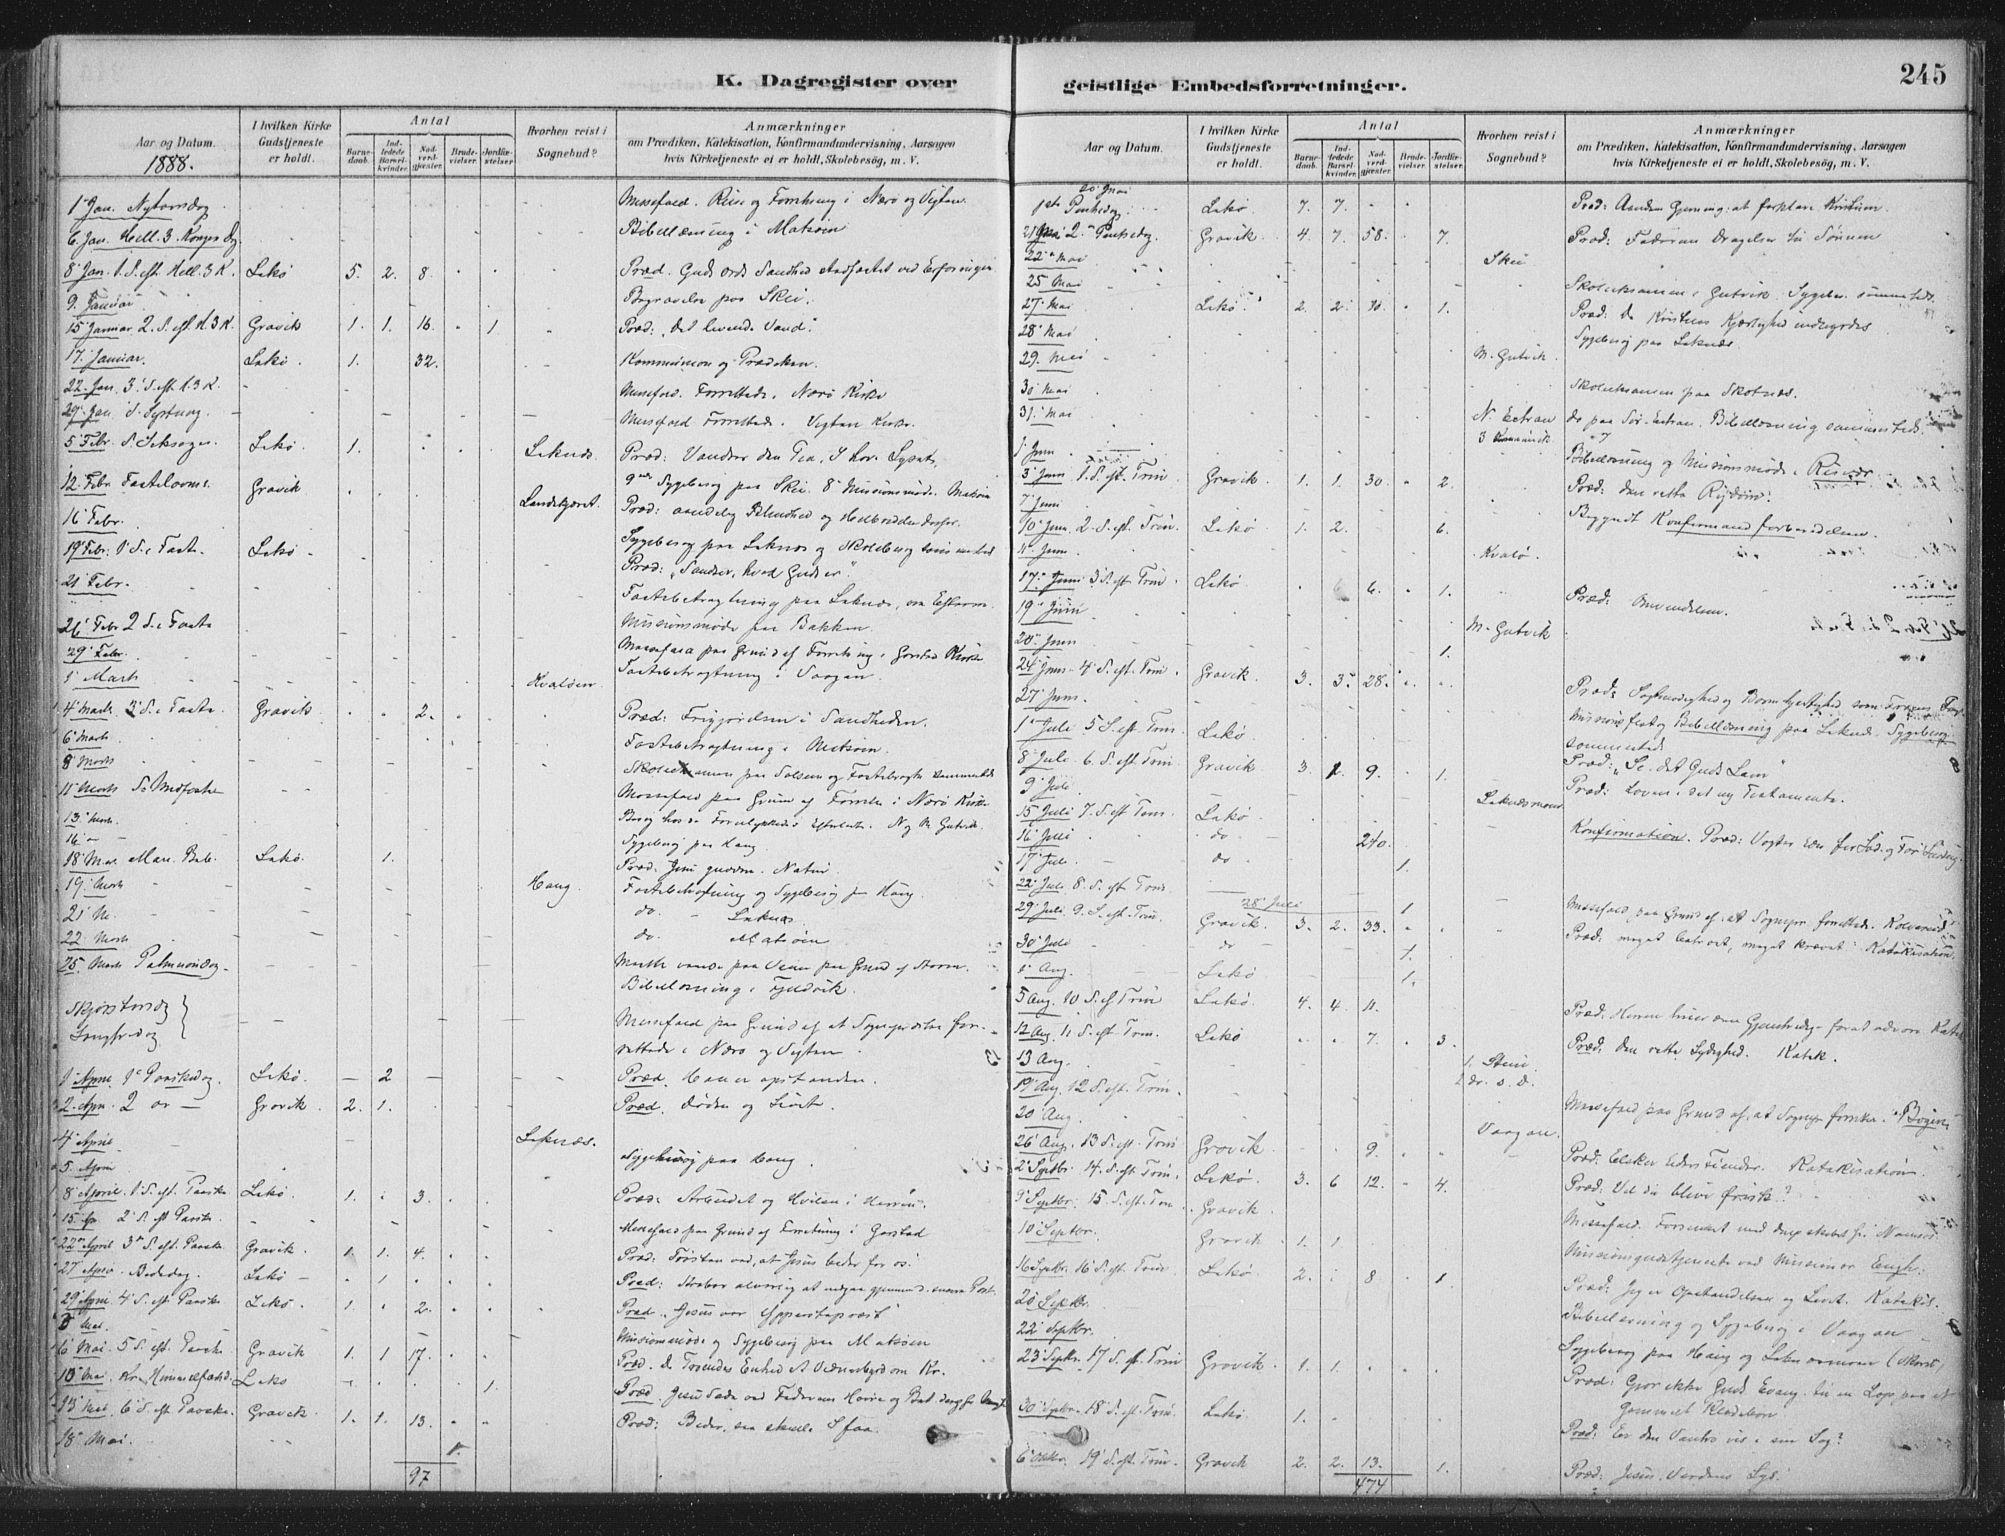 SAT, Ministerialprotokoller, klokkerbøker og fødselsregistre - Nord-Trøndelag, 788/L0697: Ministerialbok nr. 788A04, 1878-1902, s. 245